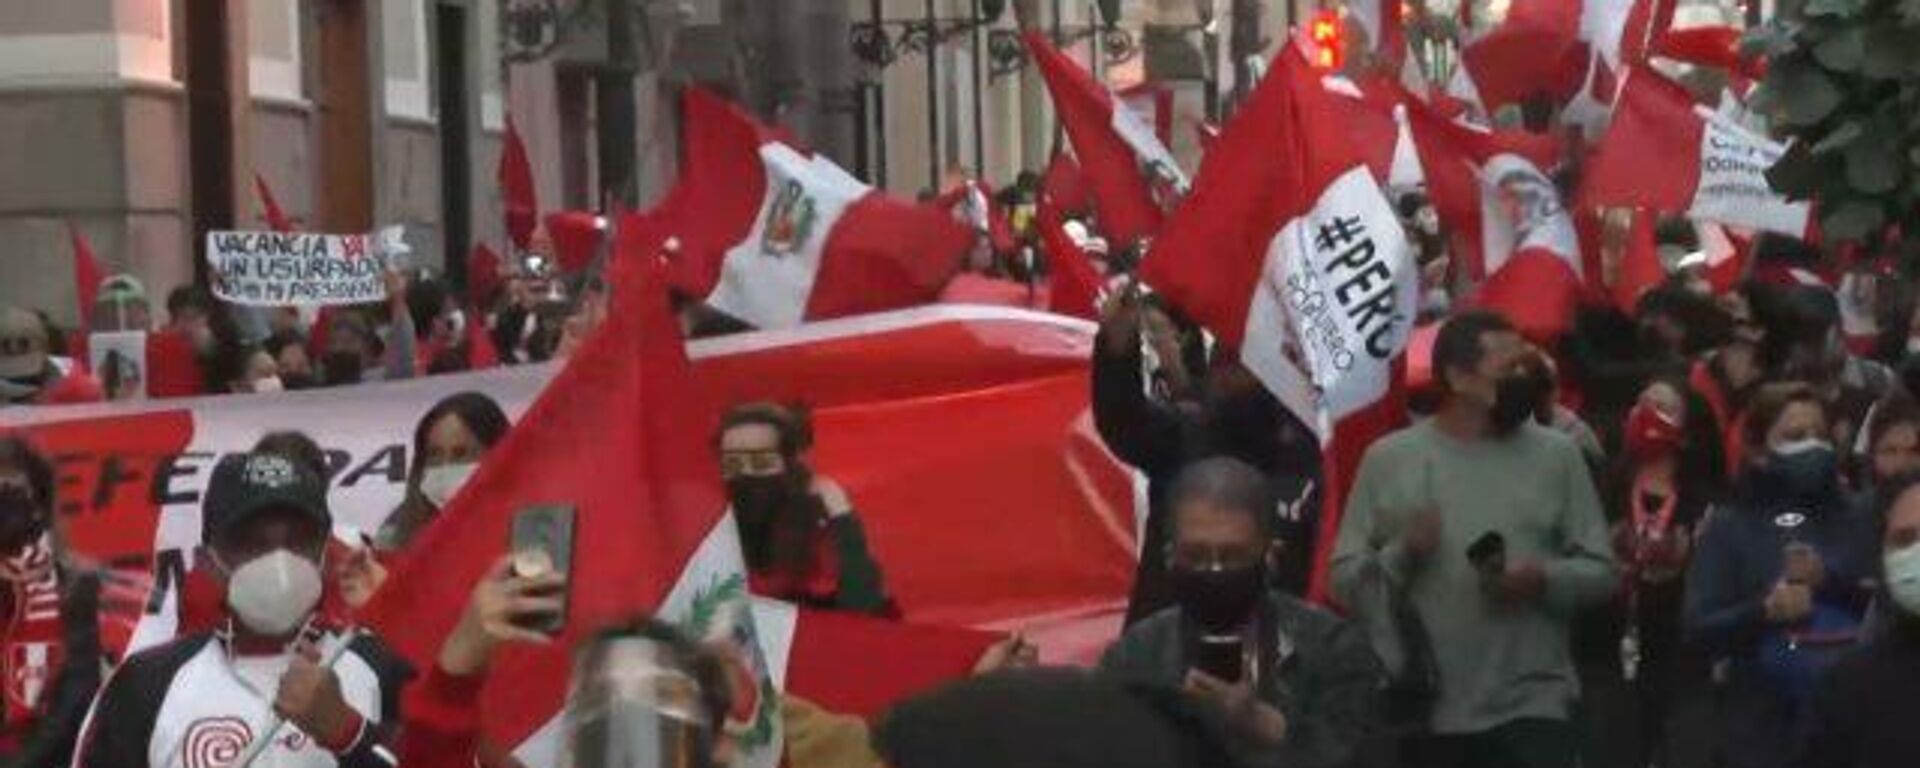 Las protestas contra el nuevo gabinete de Pedro Castillo reavivan las tensiones en Perú - Sputnik Mundo, 1920, 06.08.2021